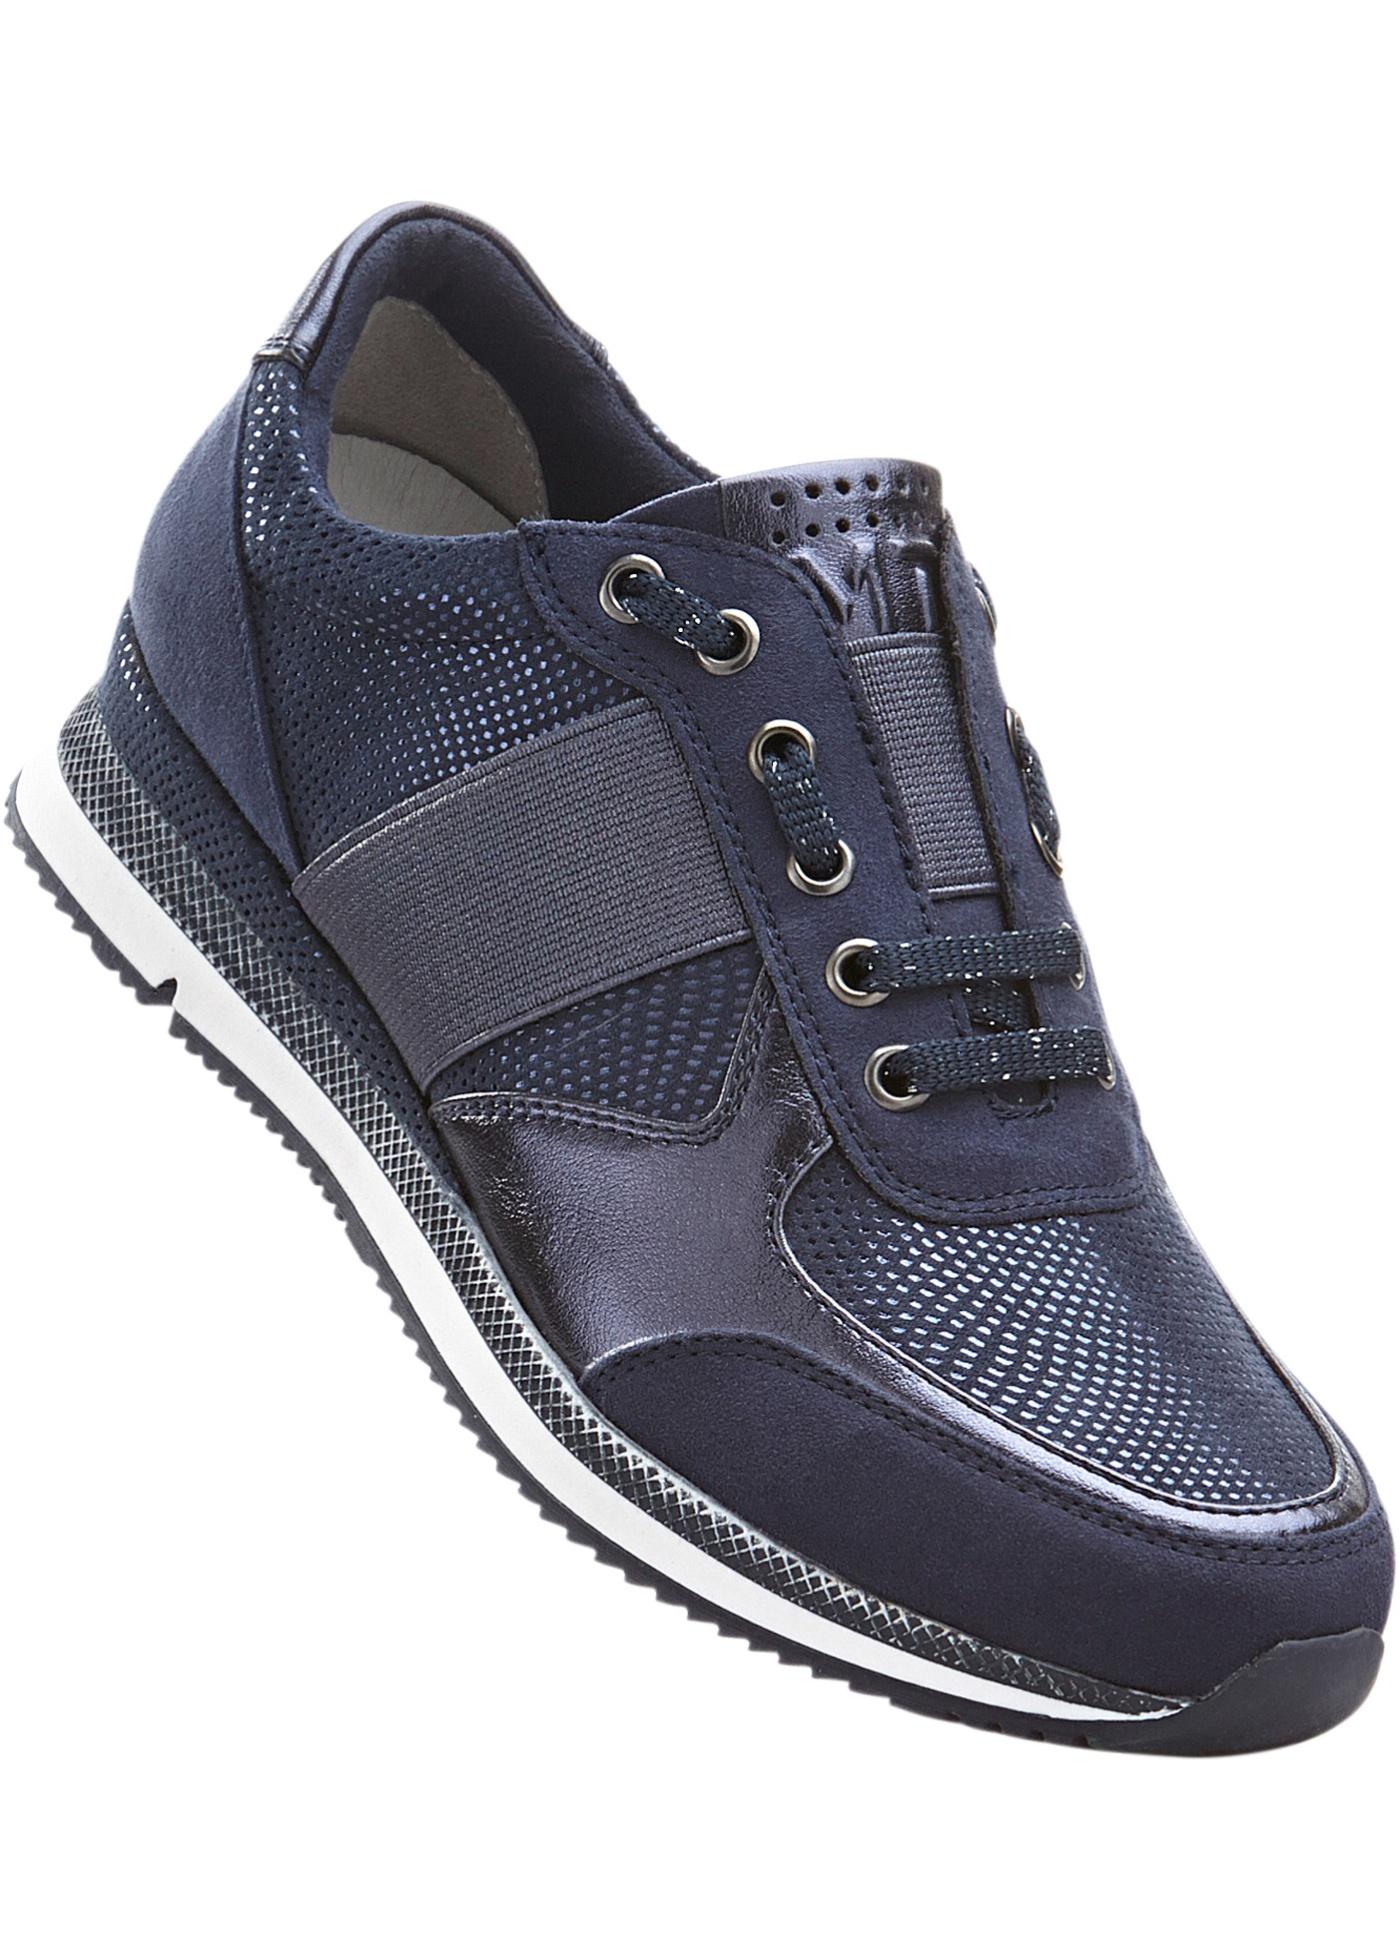 """Sneakers avec semelle extérieure profilée, première douce rembourrée, lacets décoratifs avec élastique d""""aisance."""